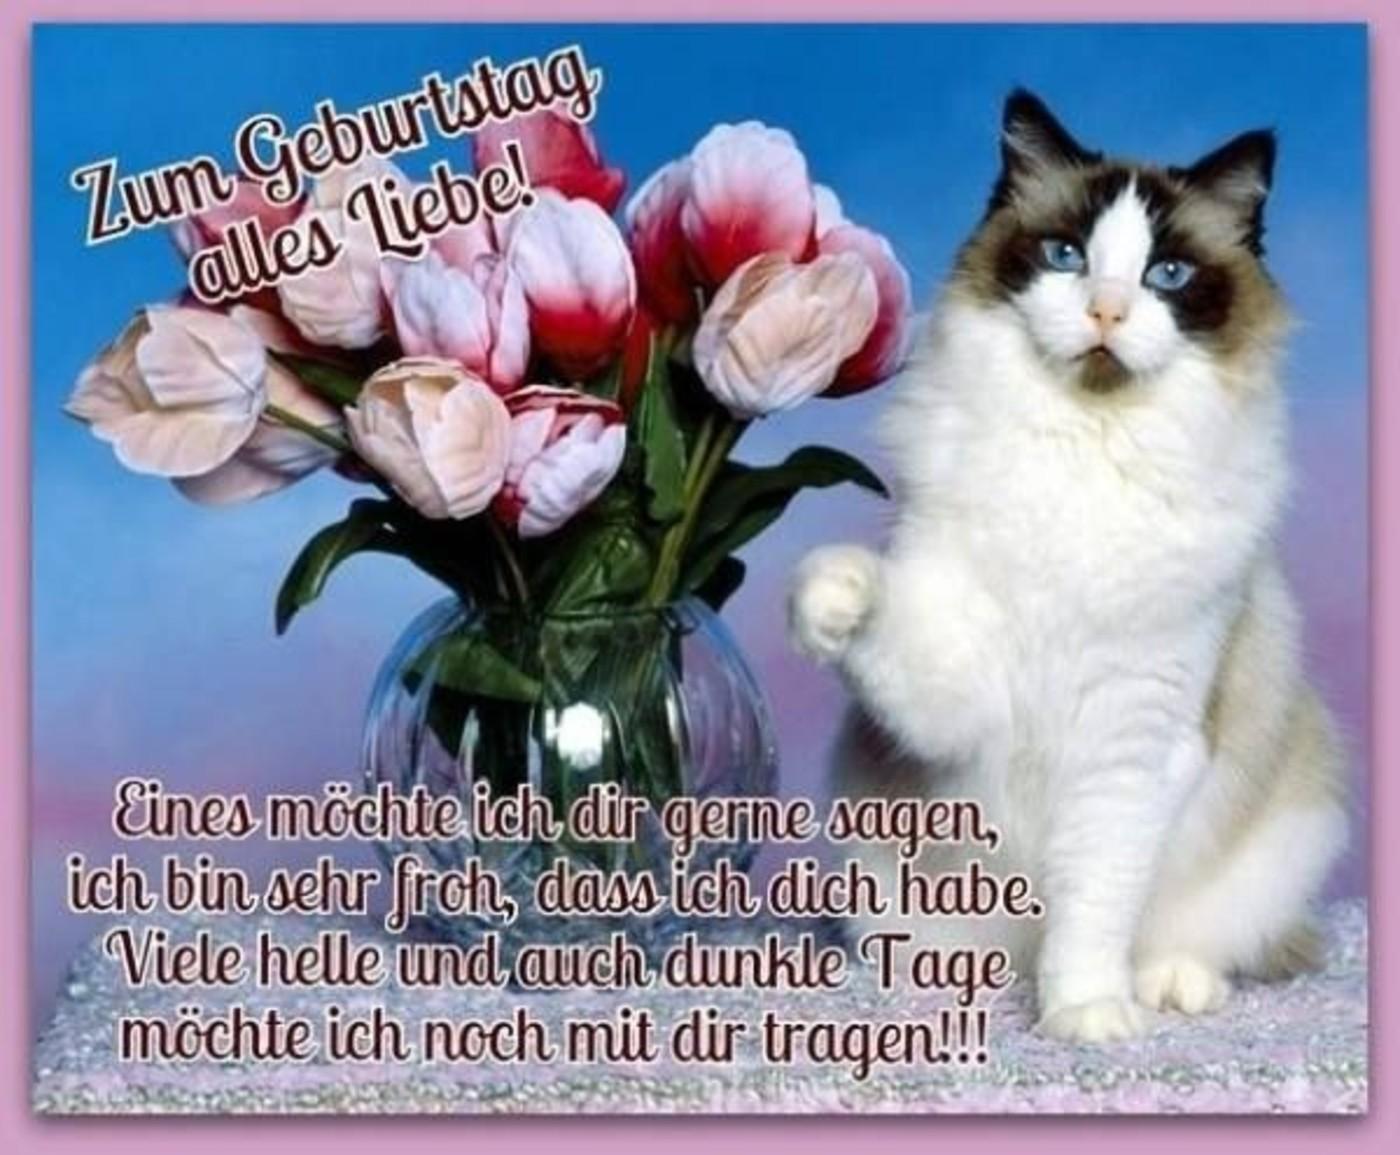 Zum Geburtstag Alles Liebe